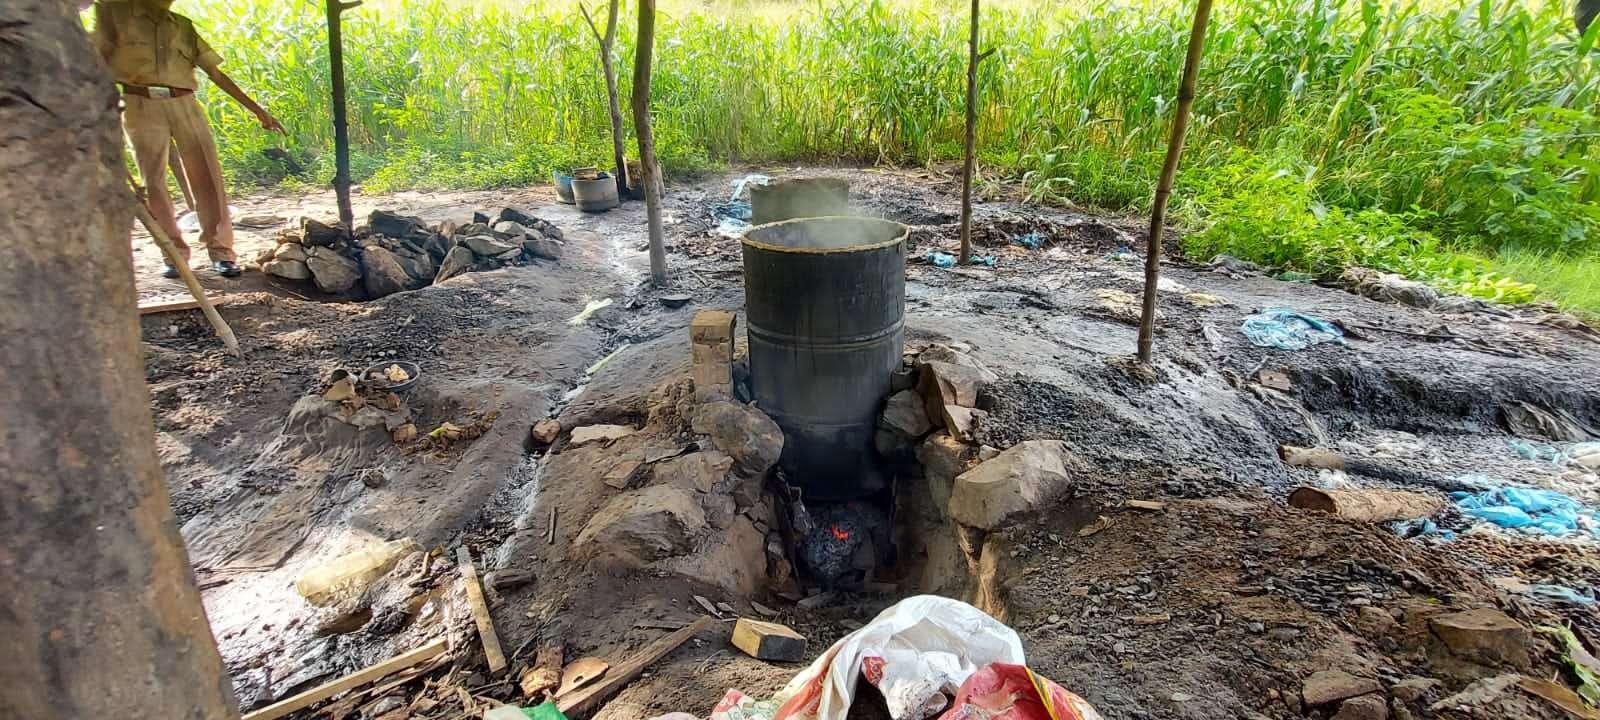 3400 लीटर वाश नष्ट, 60 बोतल महुआ शराब व एक बाइक जब्त